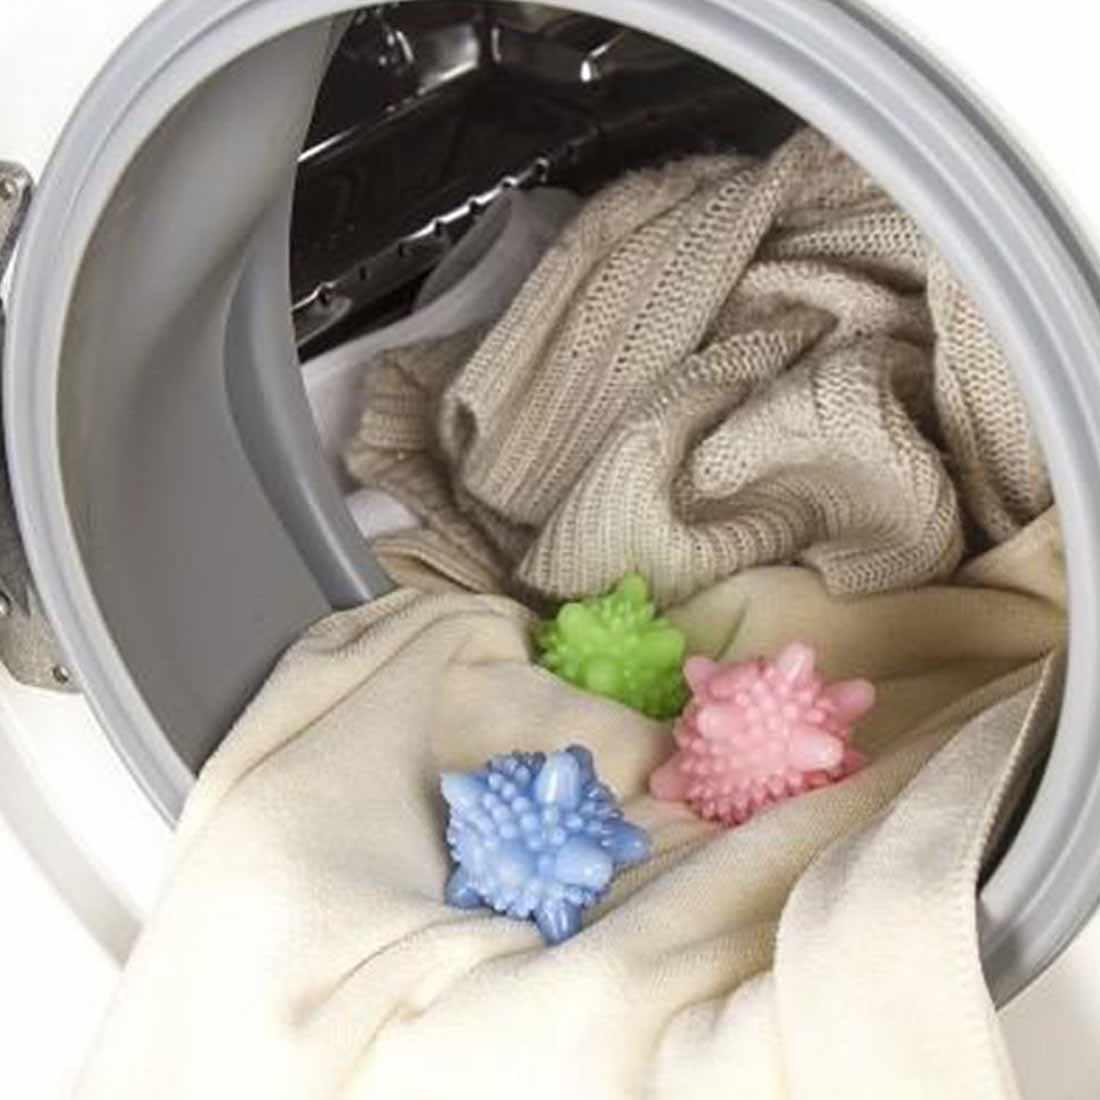 Экологичная многоразовая сушилка мяч заменить стиральная машина ткань смягчитель морщин высвобождения сушилка мяч в стиральных мячей